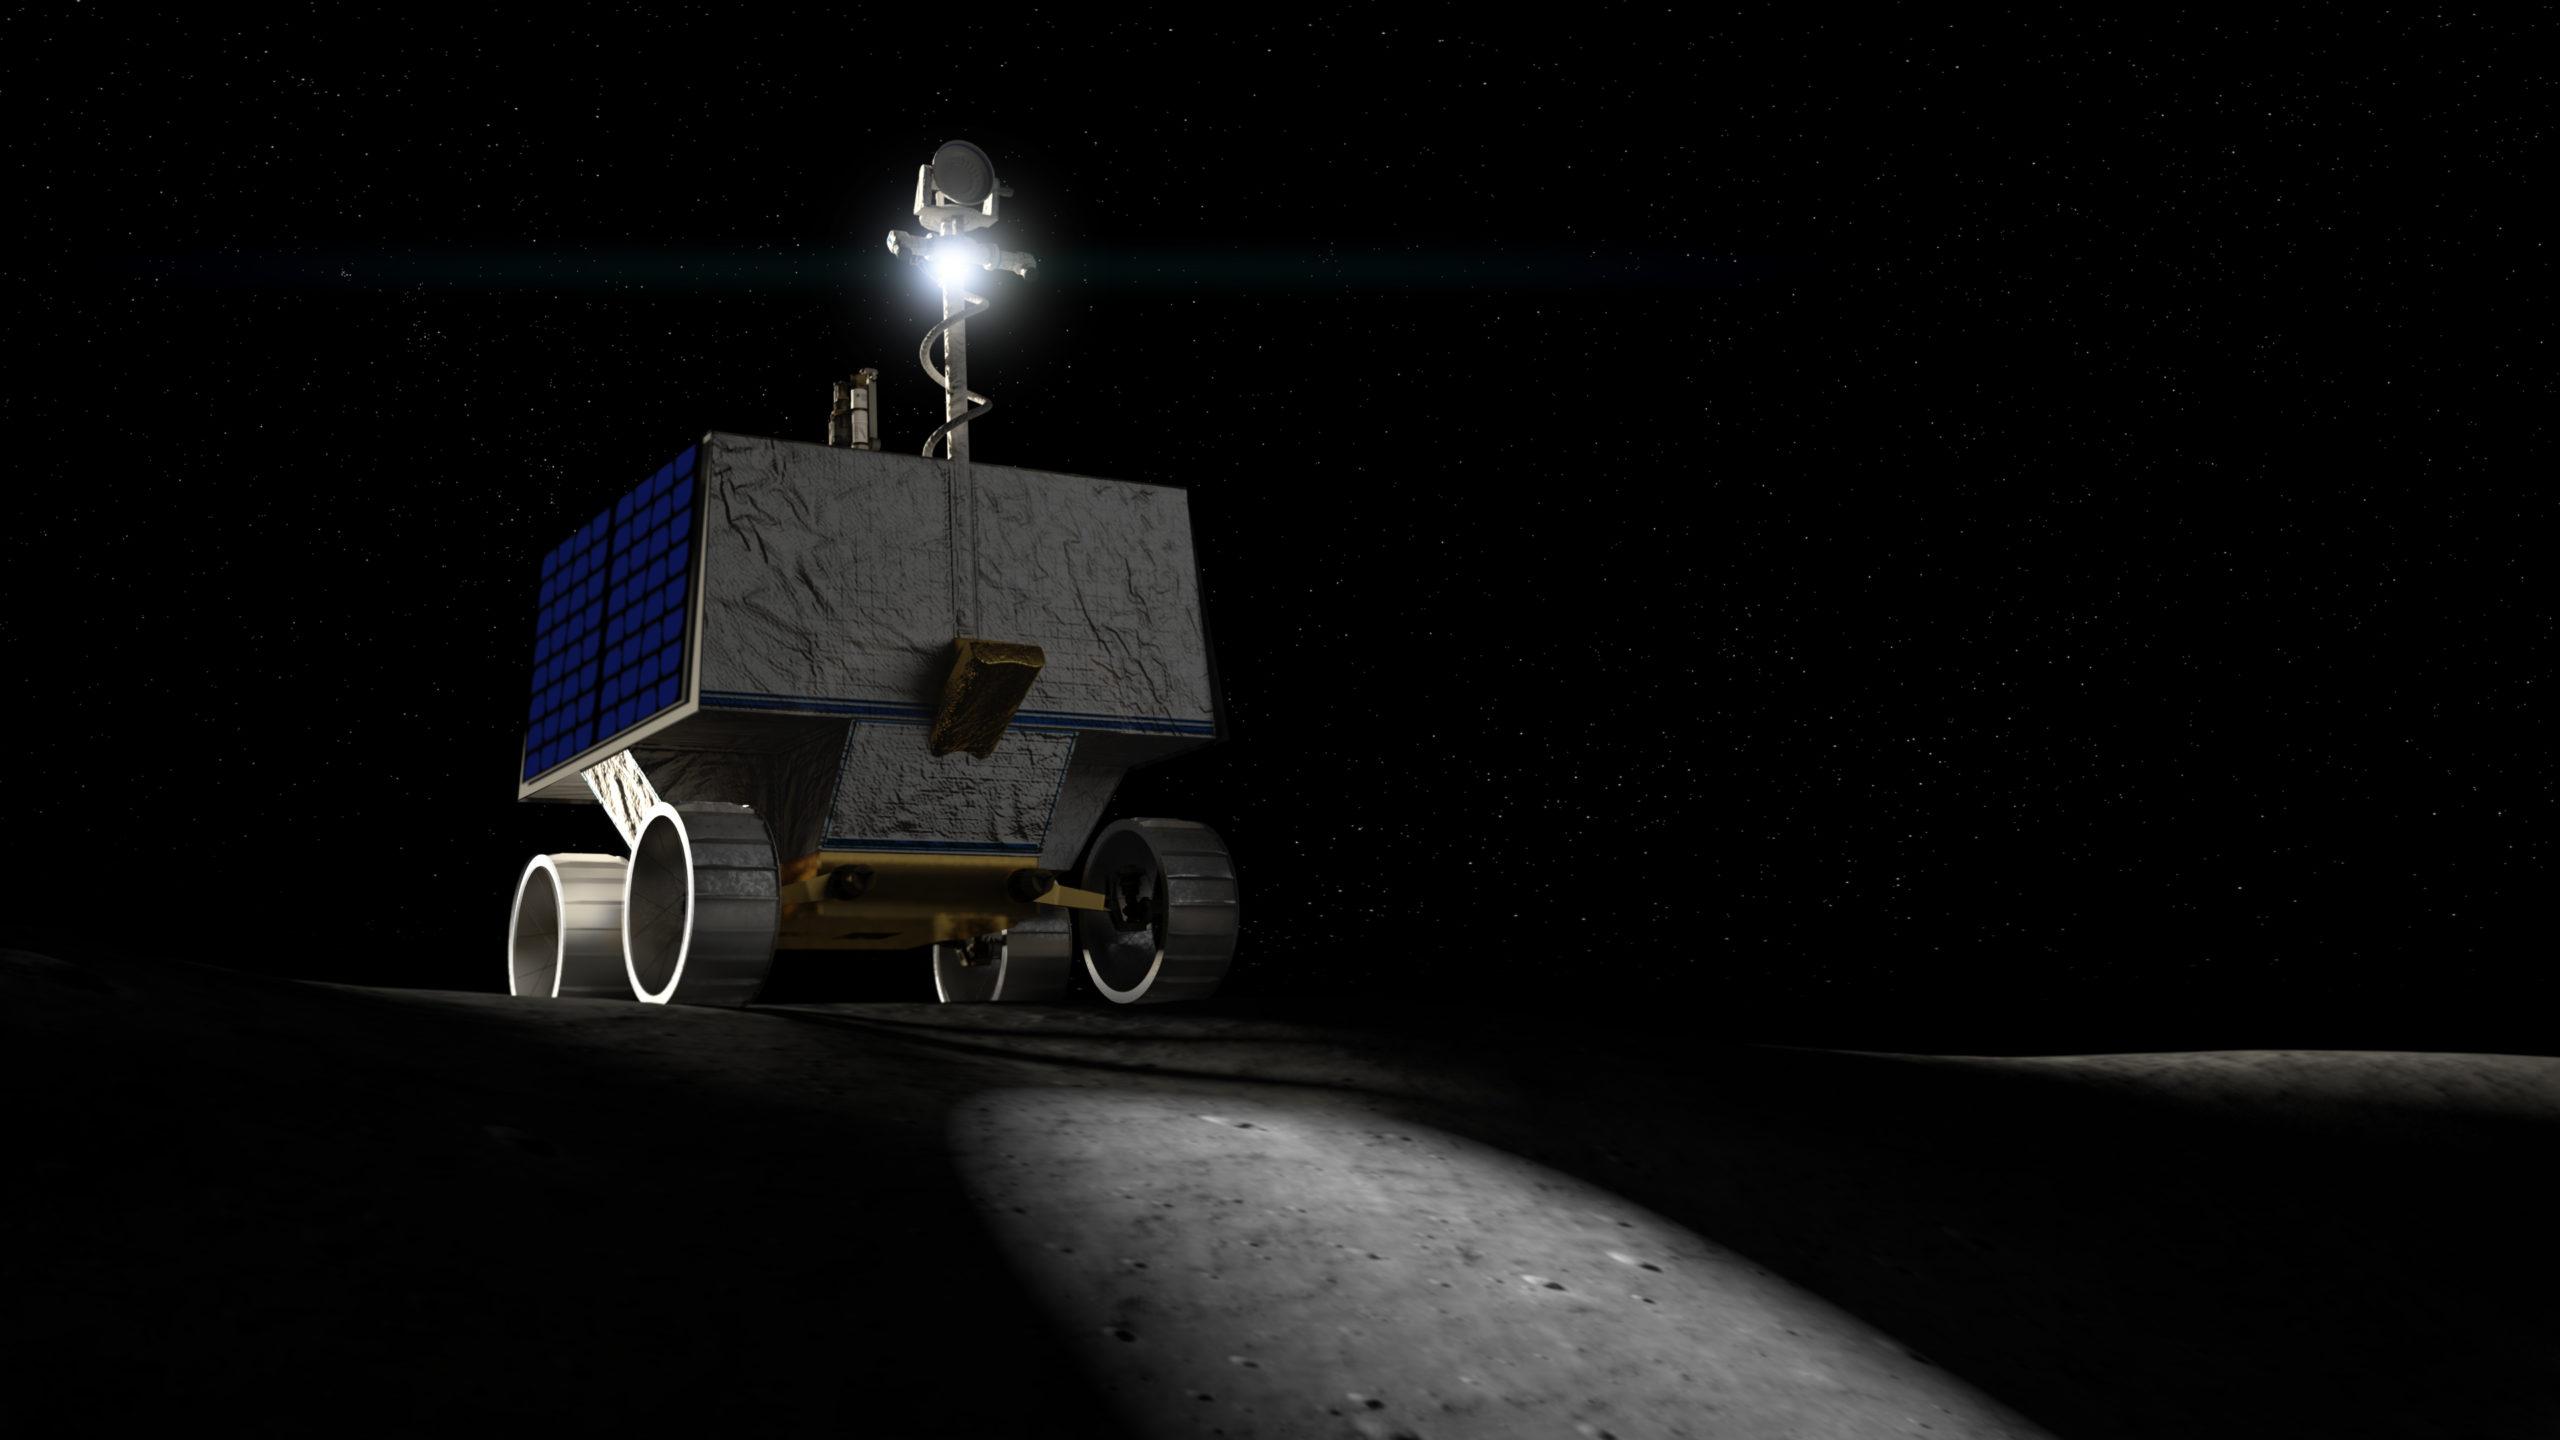 Le robot VIPER dans une illustration de sa mission lunaire.